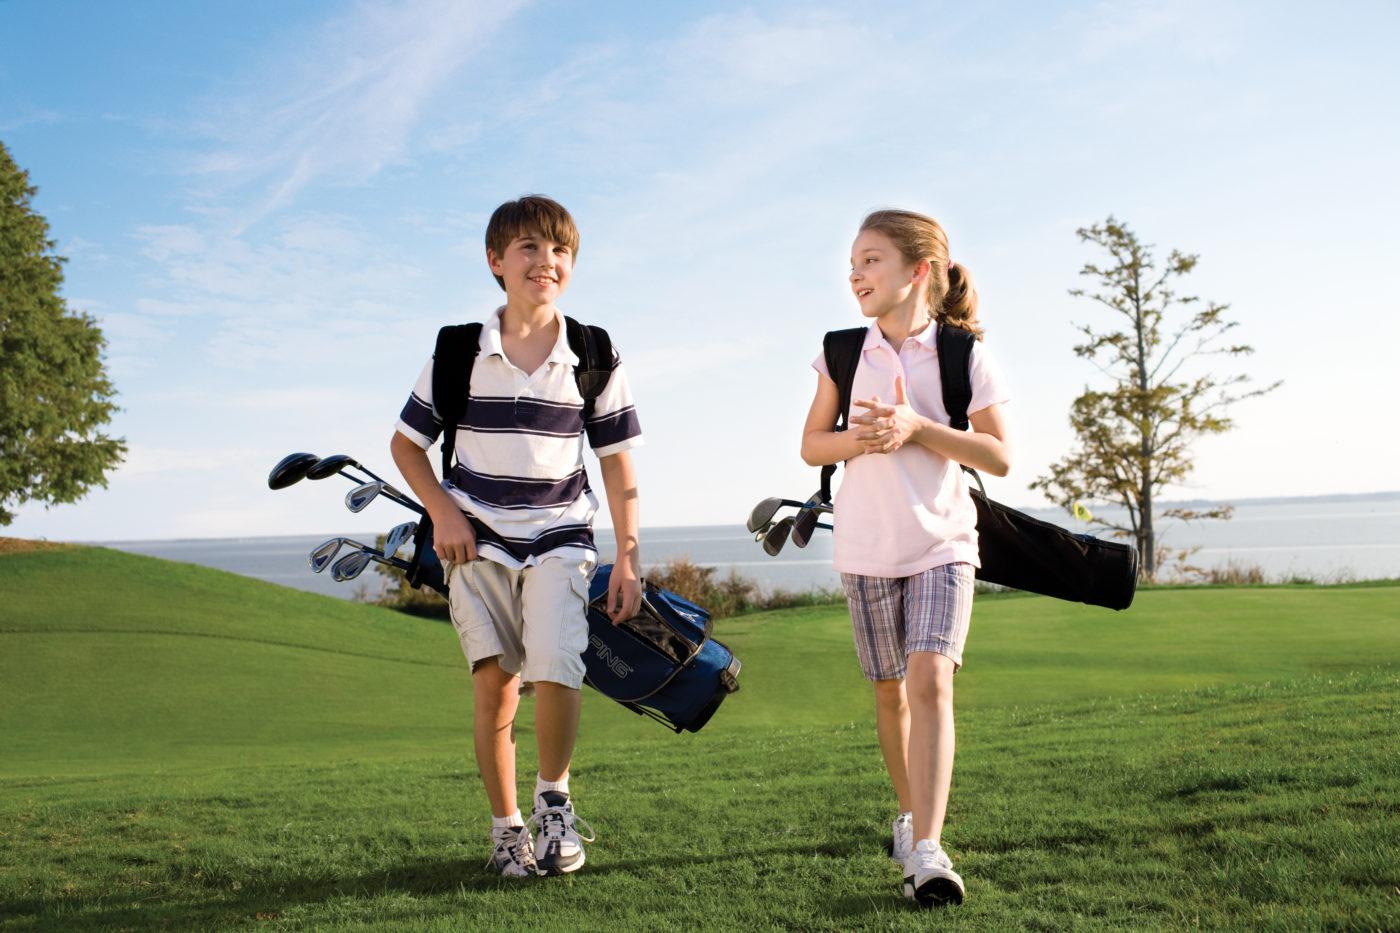 https://secureservercdn.net/104.238.69.231/tbs.145.myftpupload.com/wp-content/uploads/2019/09/Junior-Golf-Camps-e1571601442223.jpg?time=1624466616